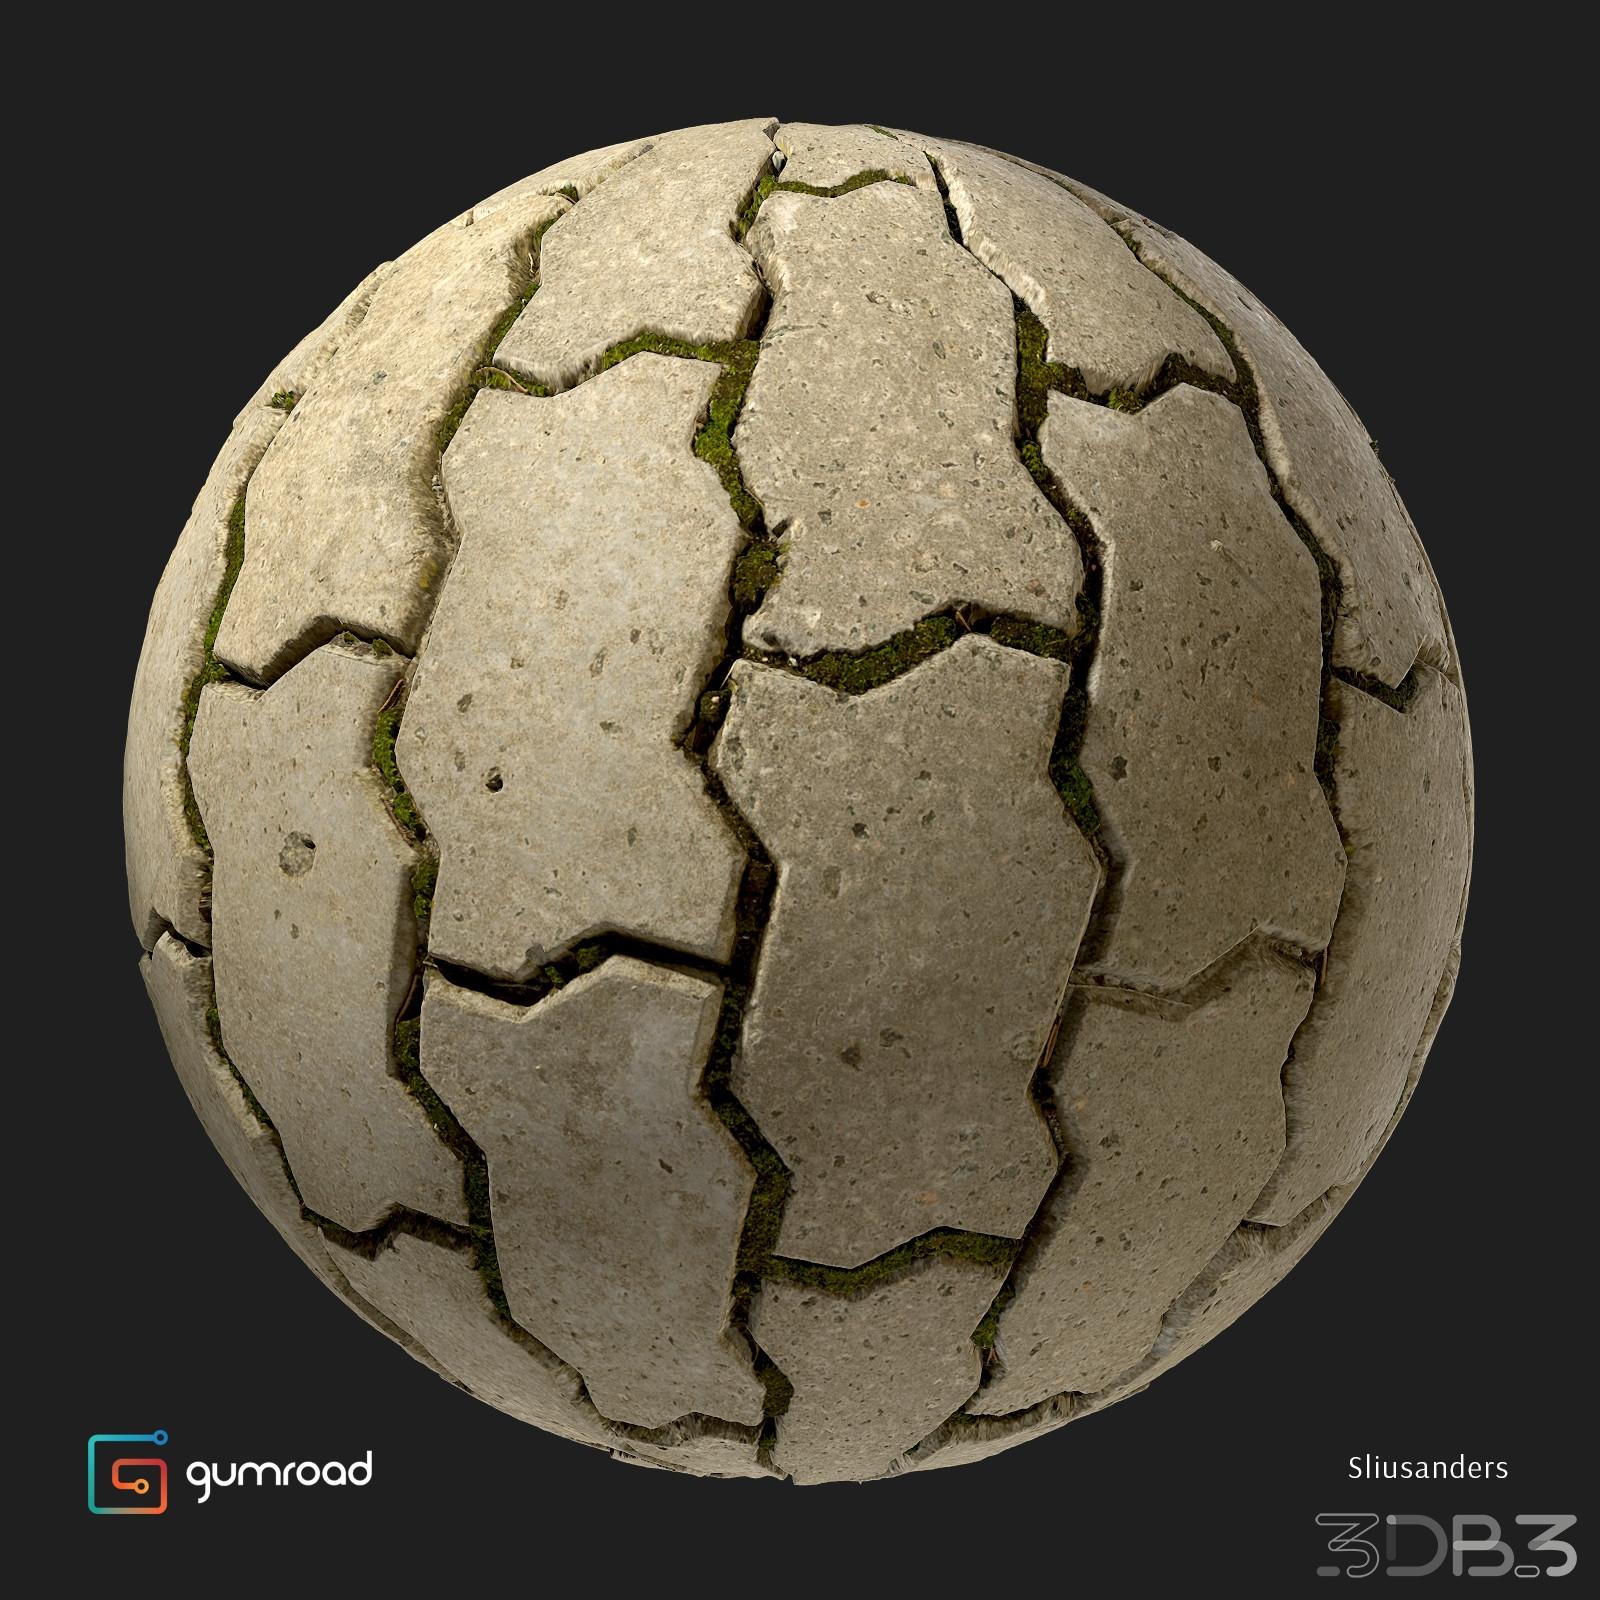 Sidewalk herringbone 03 - 3db3 com - Free 3D Model Download